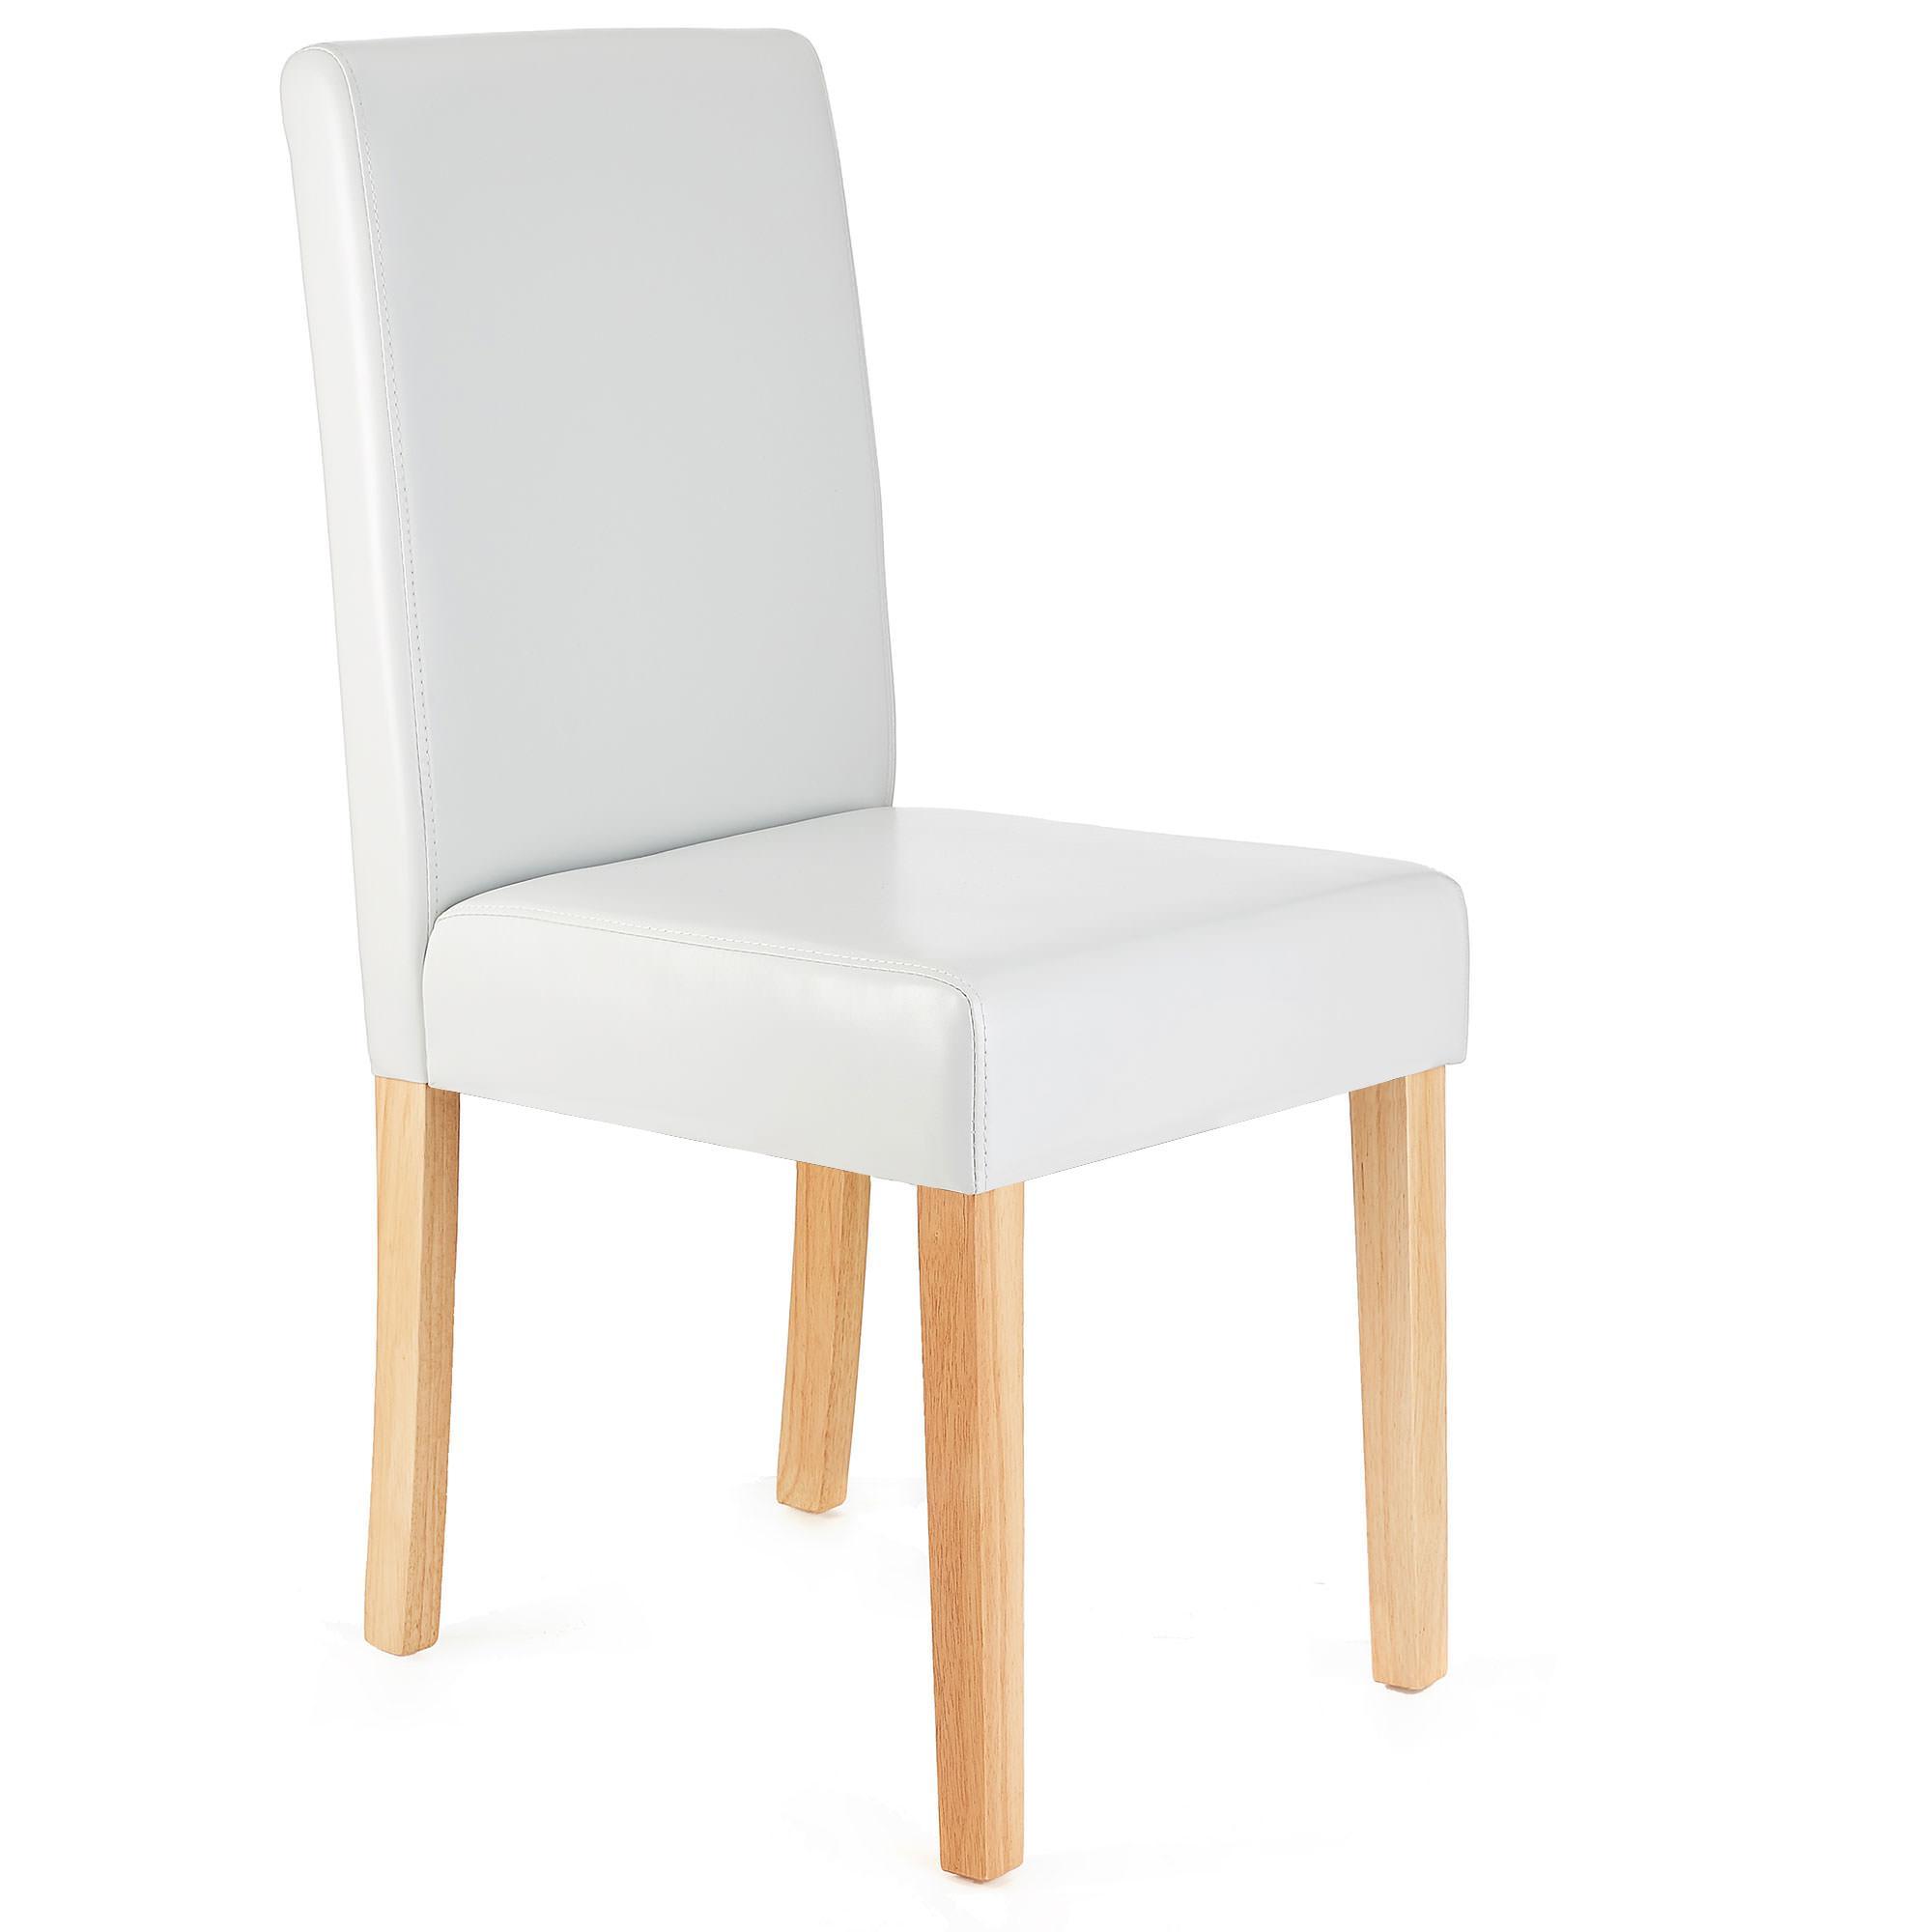 Lote 2 sillas de comedor litau en piel blanca patas for Sillas de comedor de piel